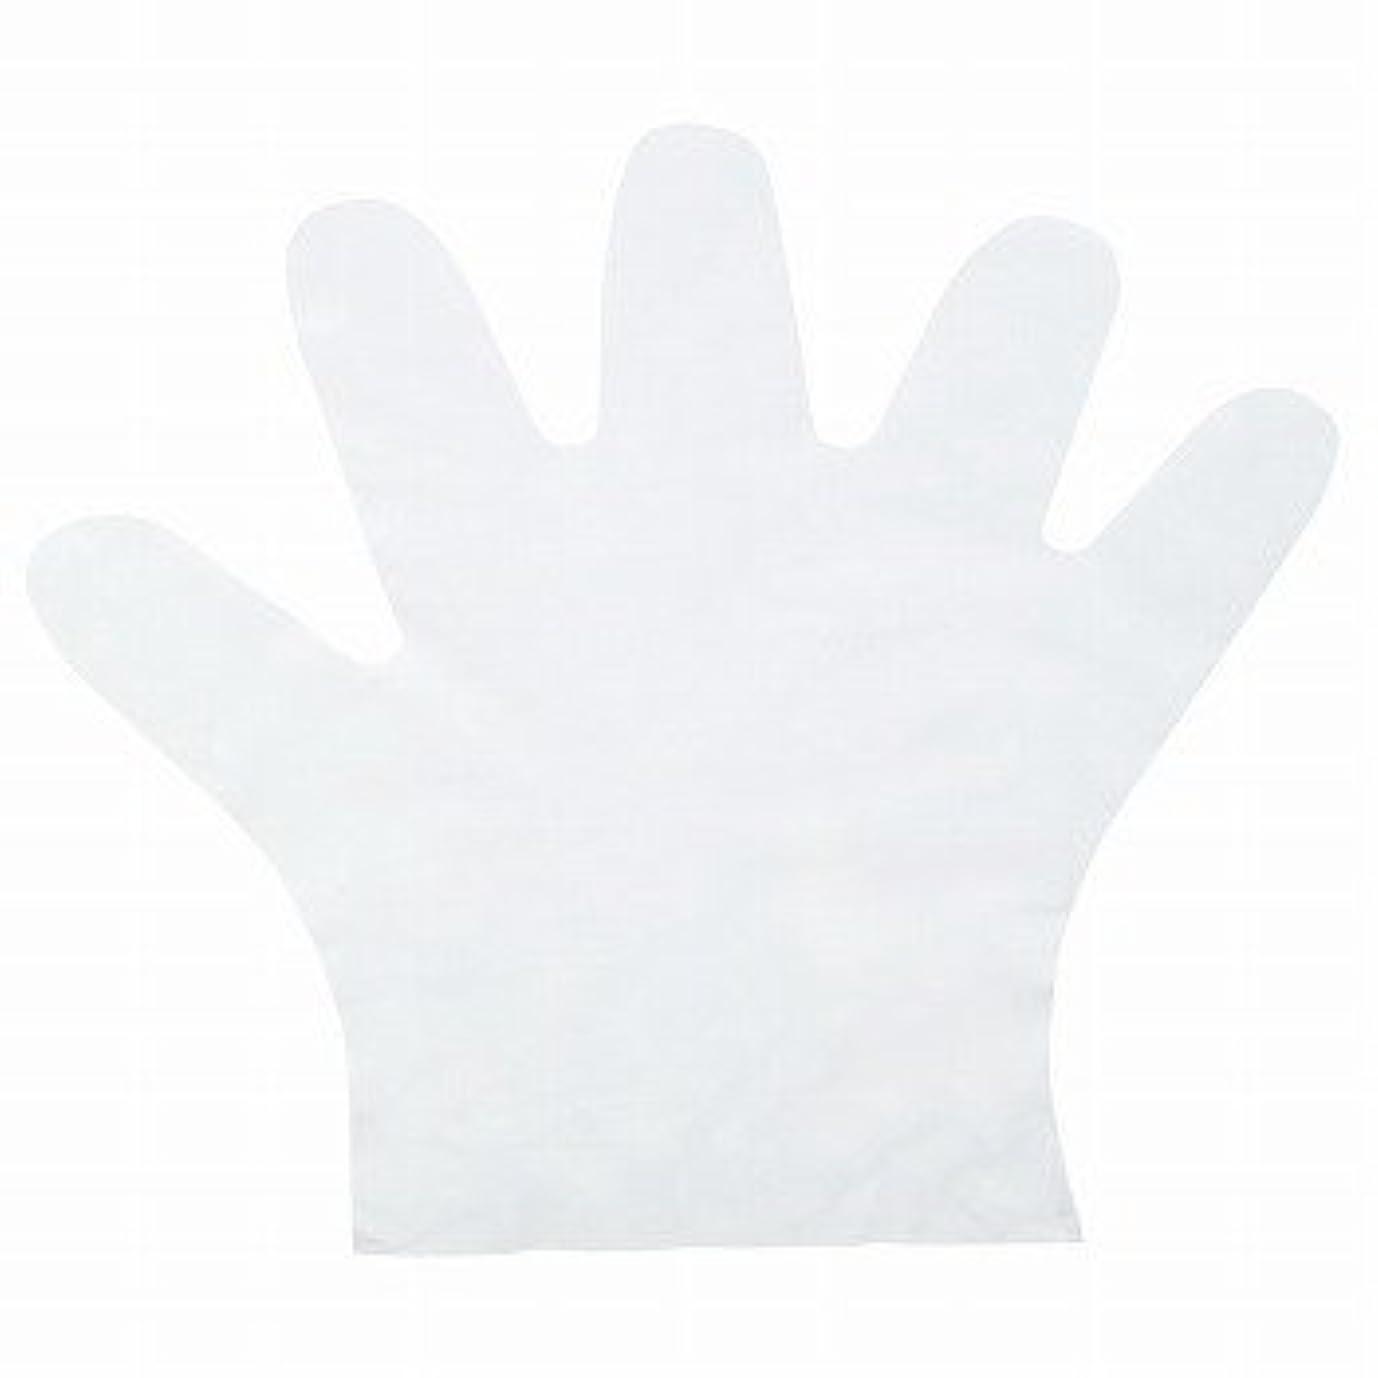 テクニカル取り除く出席おたふく手袋/ポリエチディスポ(LD) [100枚入]/品番:248 サイズ:L